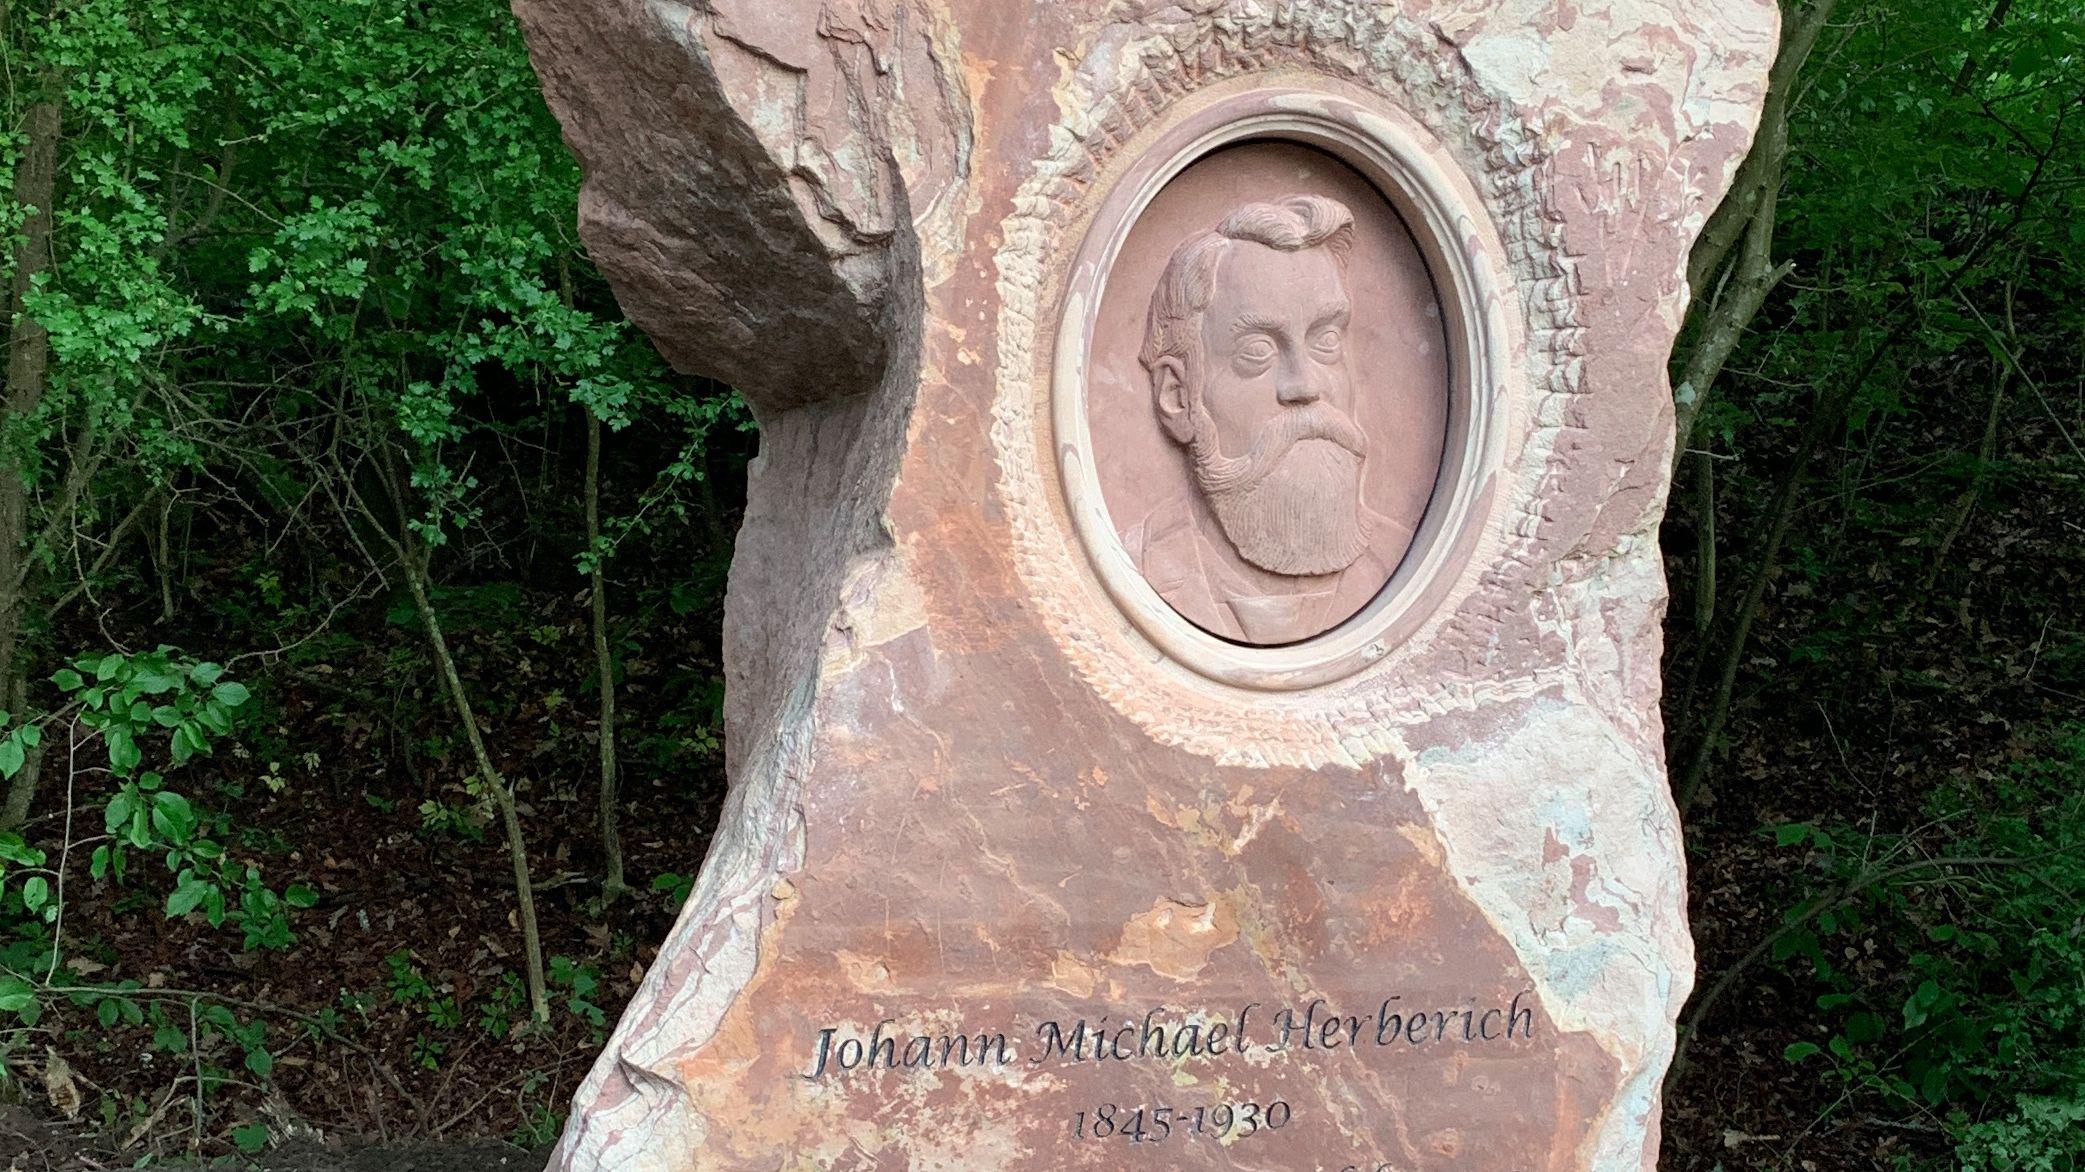 Gedenkstein für Johann Michael Herberich